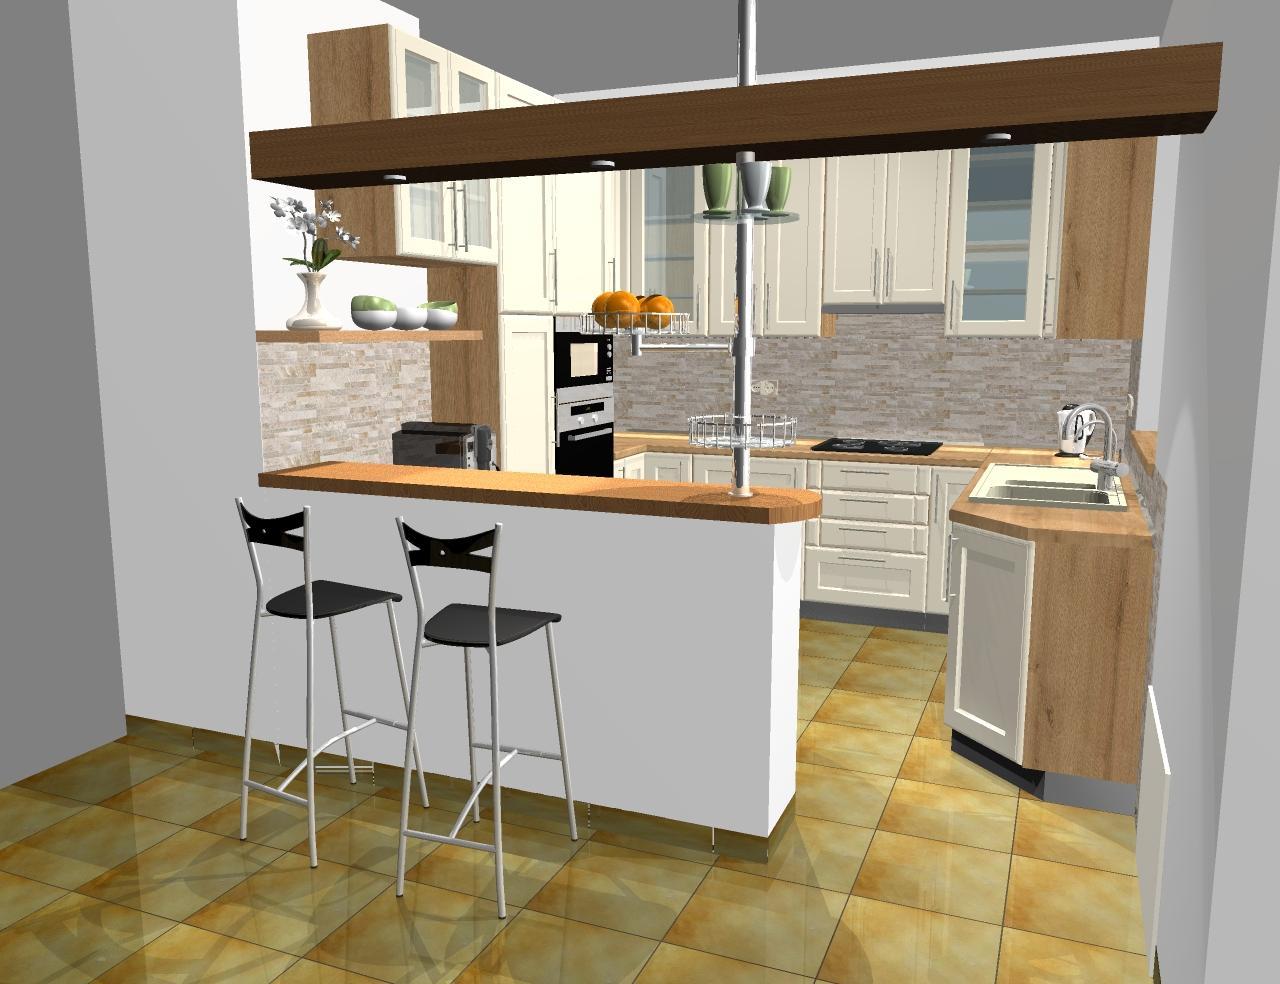 Grafické návrhy kuchynských liniek 2016 - Grafický návrh kuchynskej linky do rodinného domu - verzia 1- obr.2